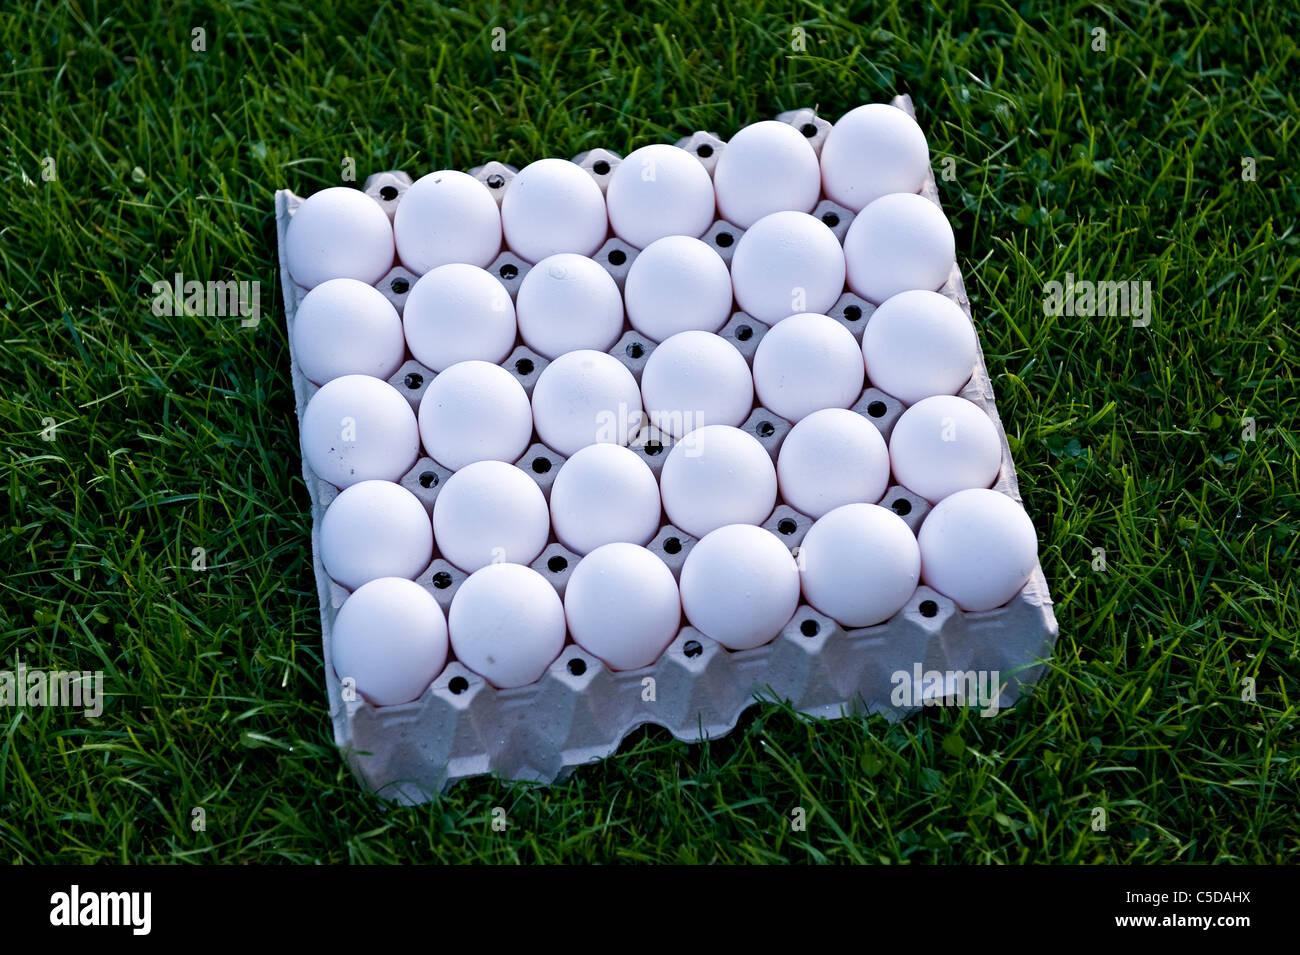 Vista superior de cerca de 30 huevos blancos en una caja de cartón sobre el césped Imagen De Stock